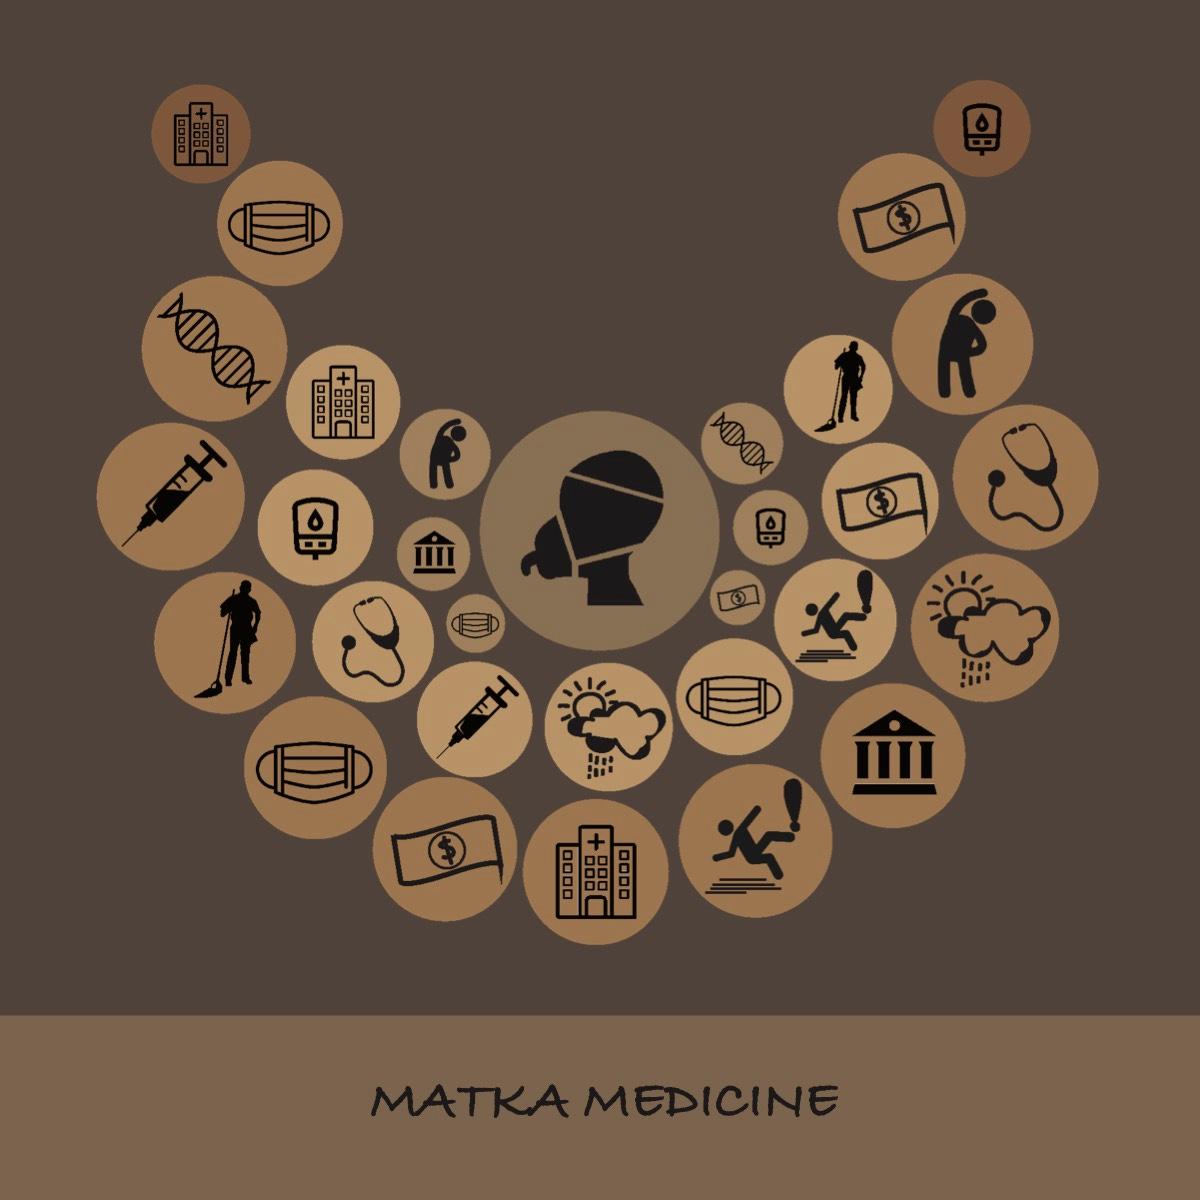 Matka Medicine